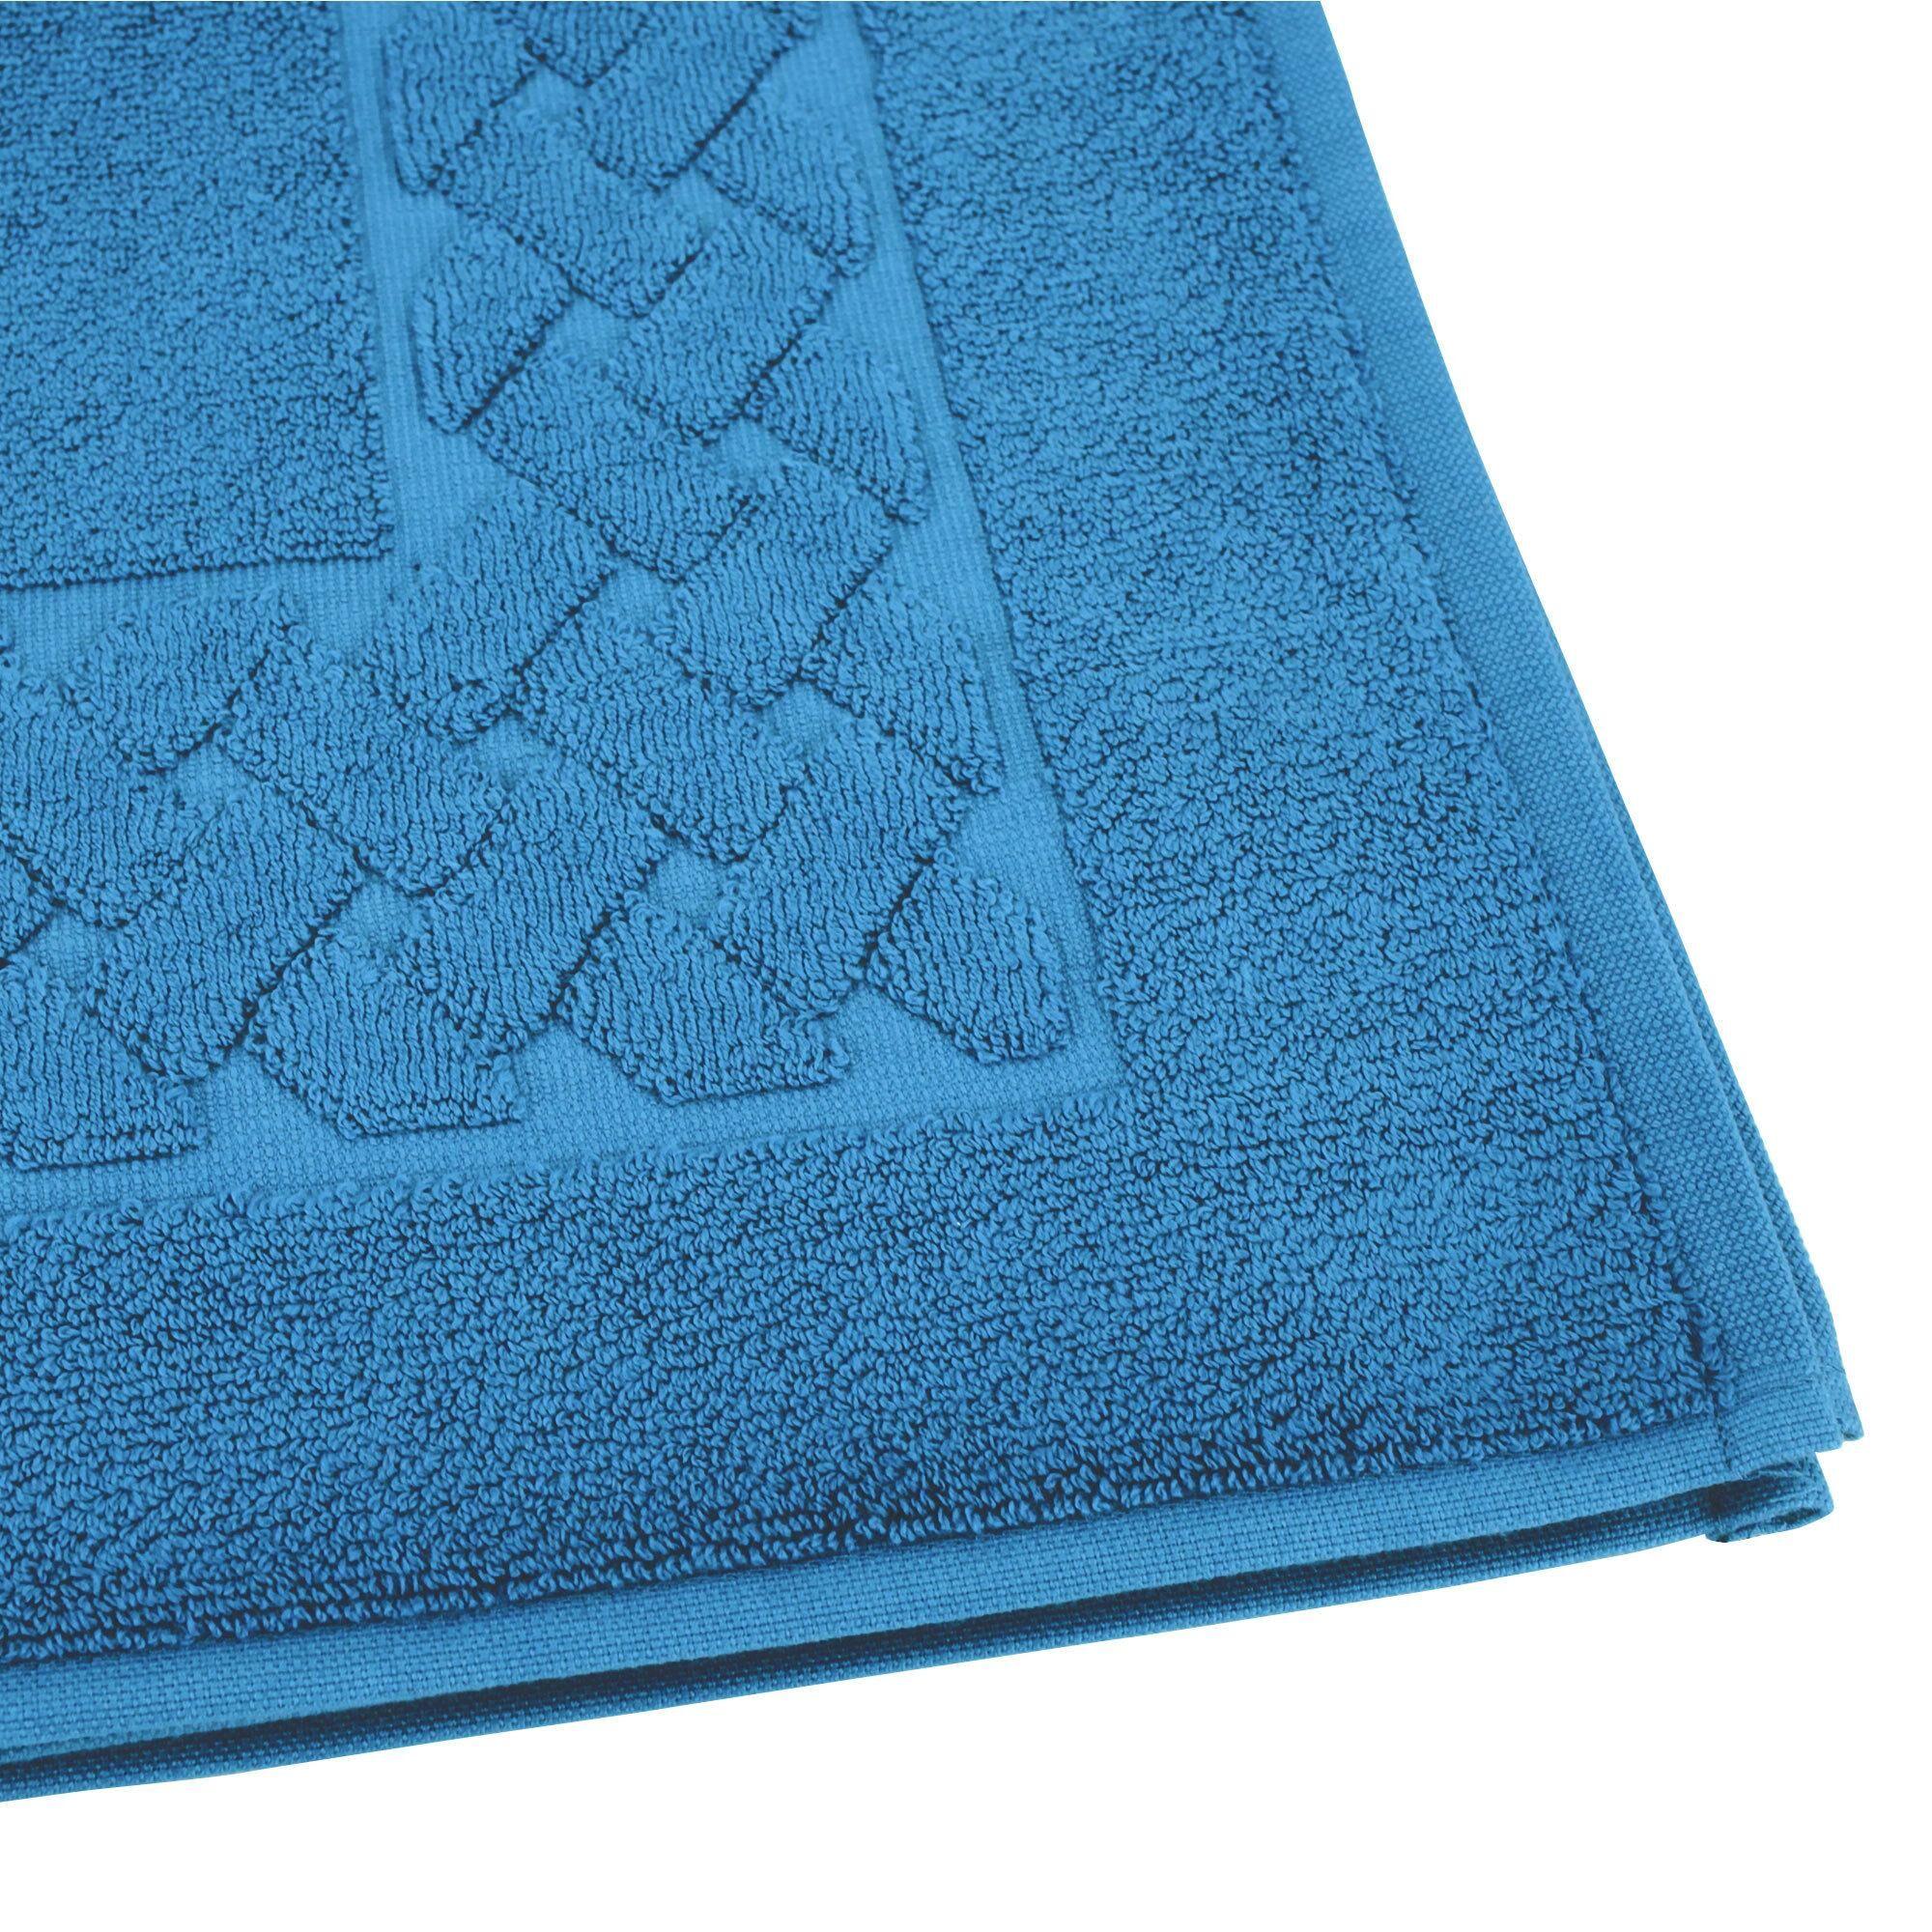 Linnea Tapis de bain 50x80 cm ROYAL CRESENT Bleu Céleste 850 g/m2